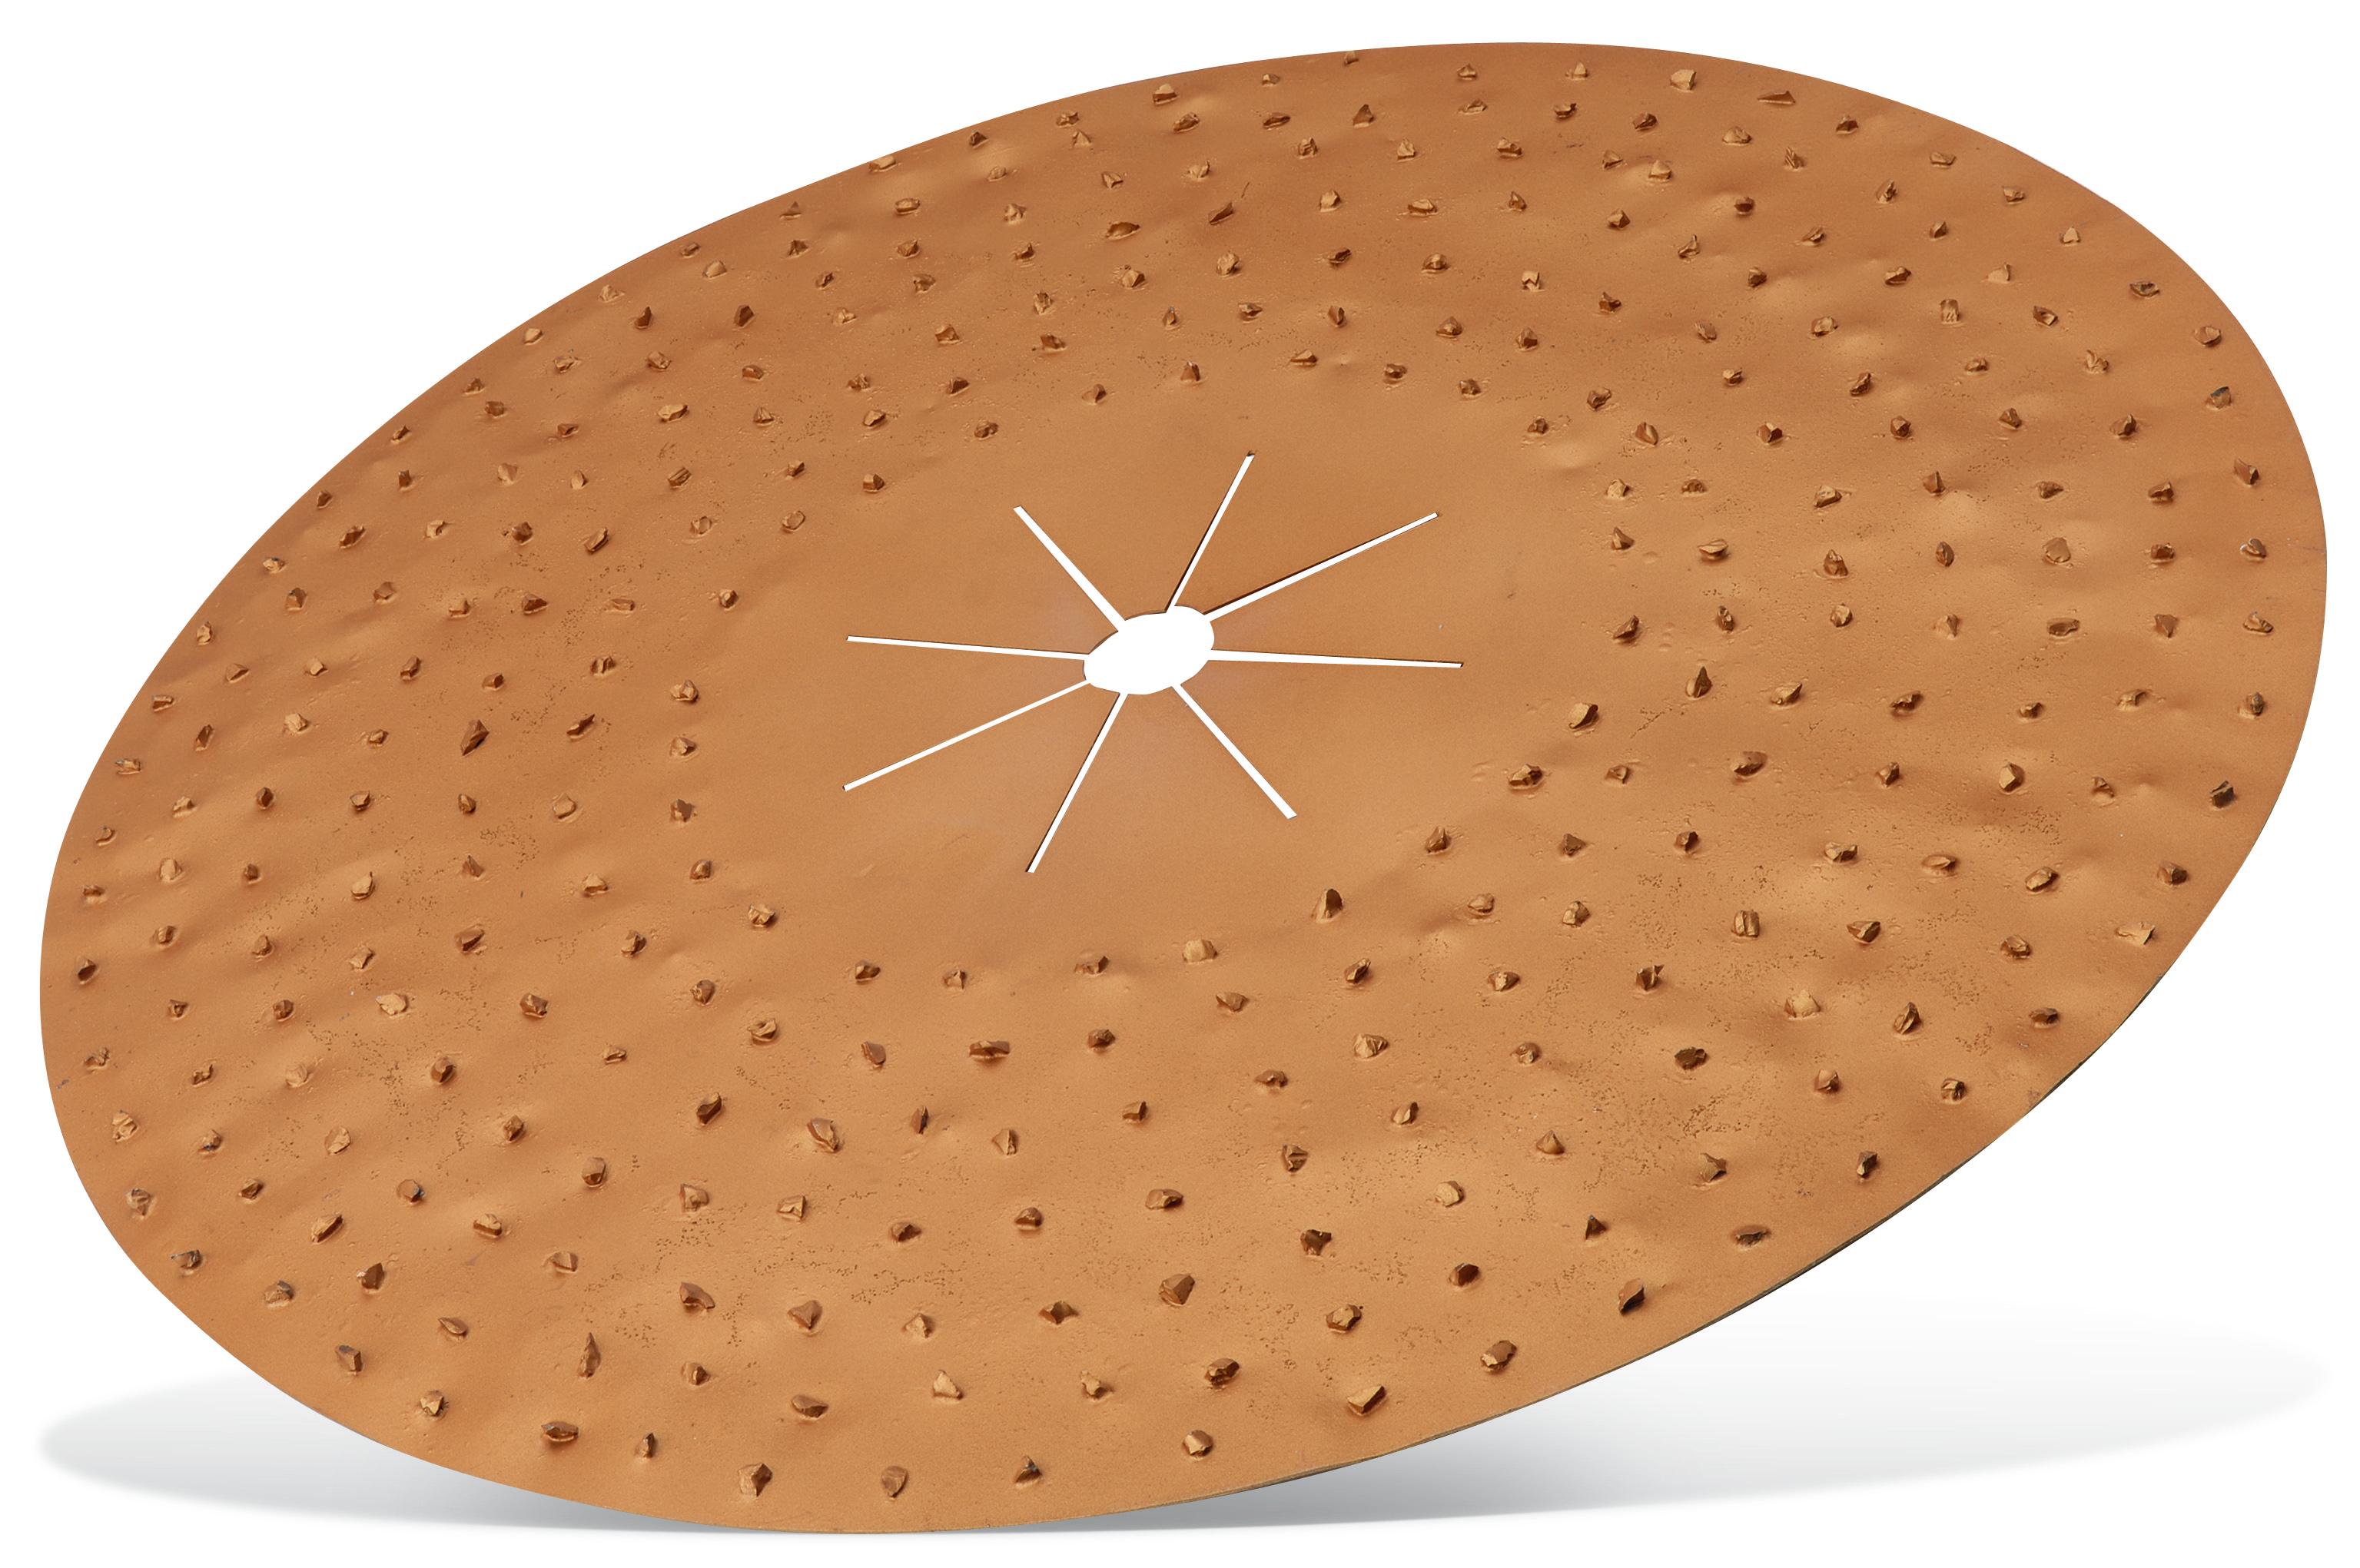 HM grinding disc 874, 430 mm dia. Pajarito